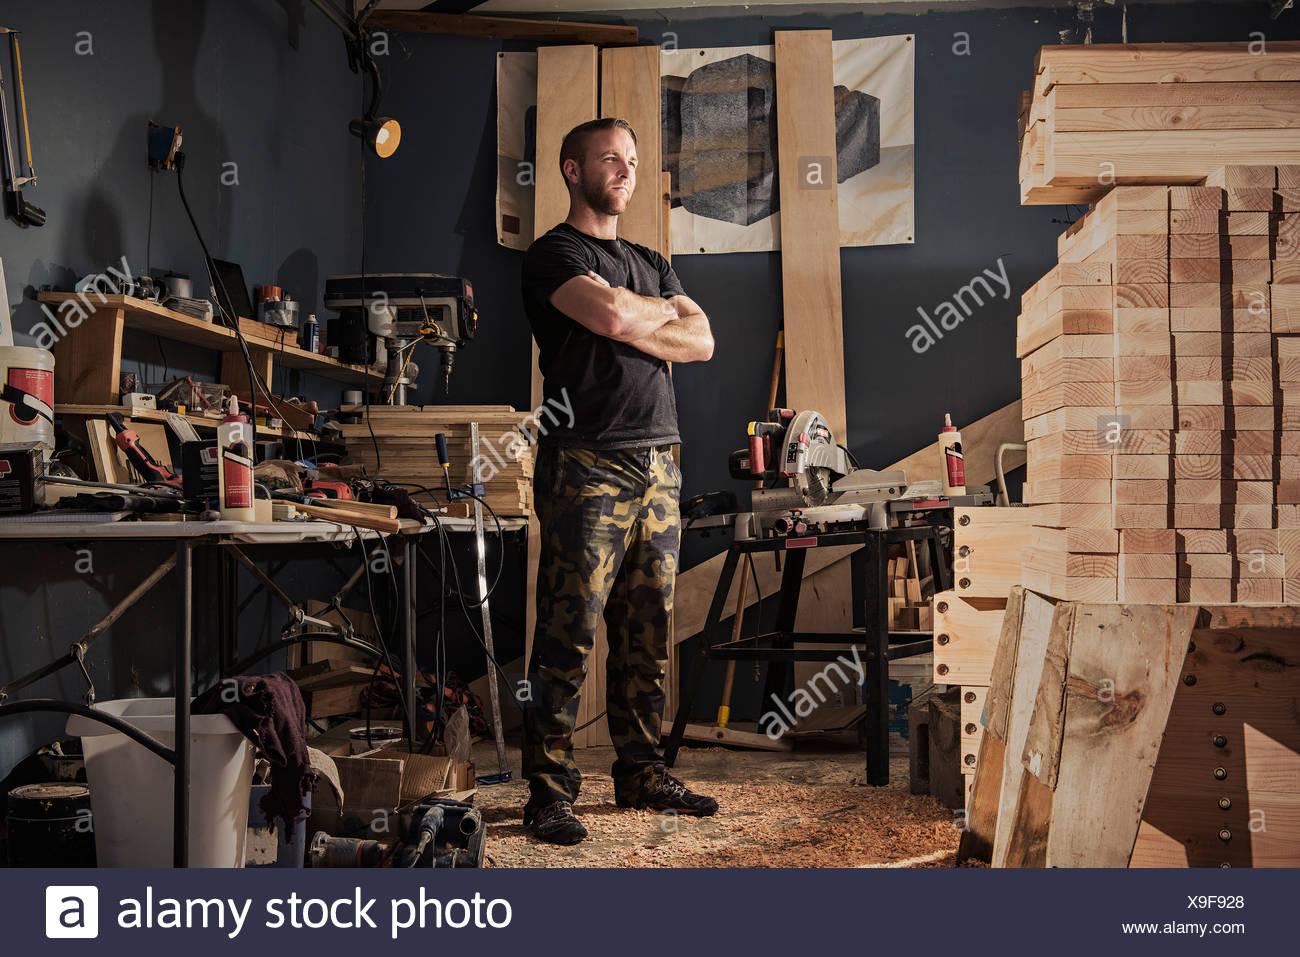 Ritratto di metà uomo adulto in falegnameria officina Immagini Stock